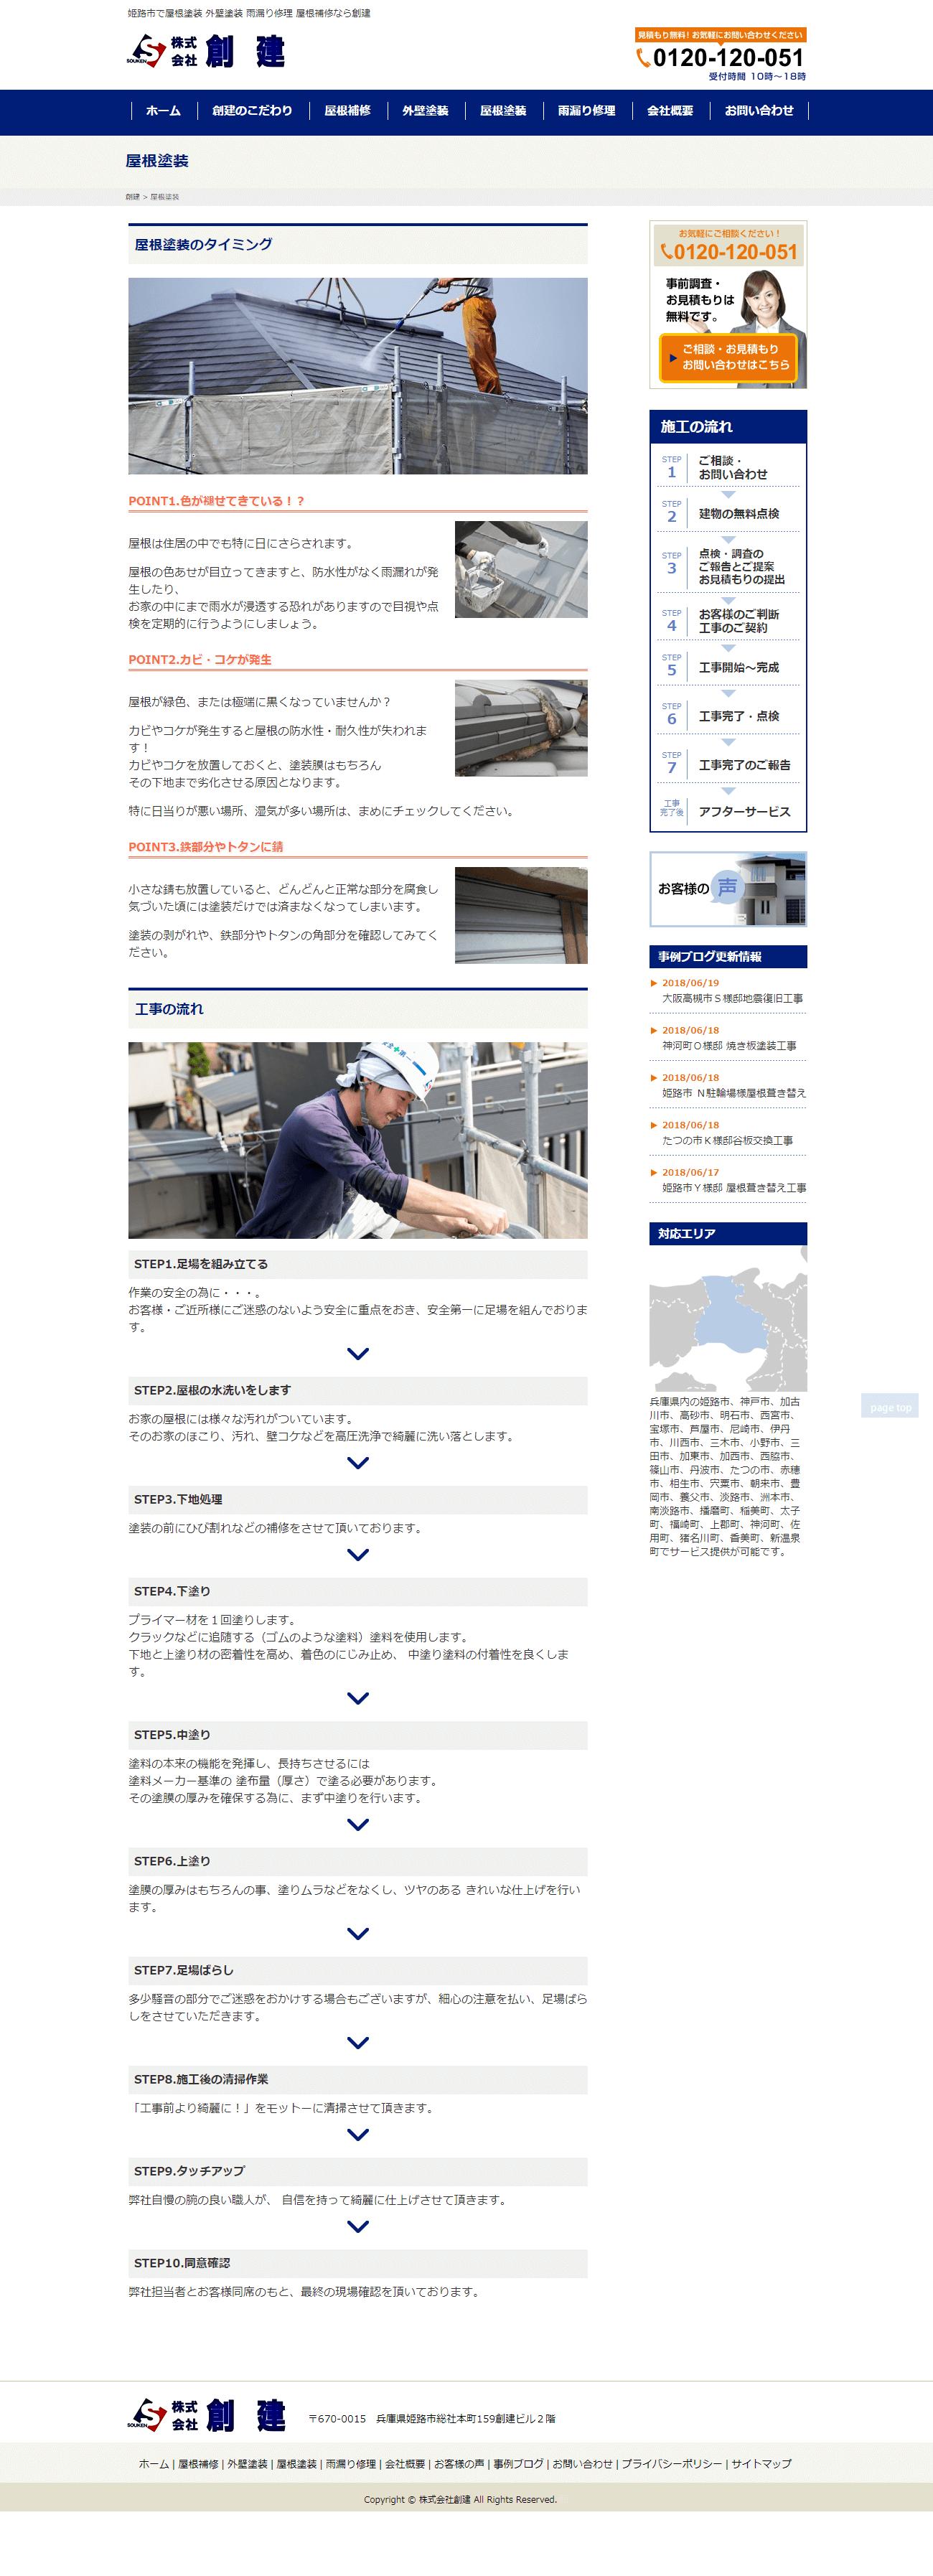 姫路市 株式会社創建様 ホームページ制作2